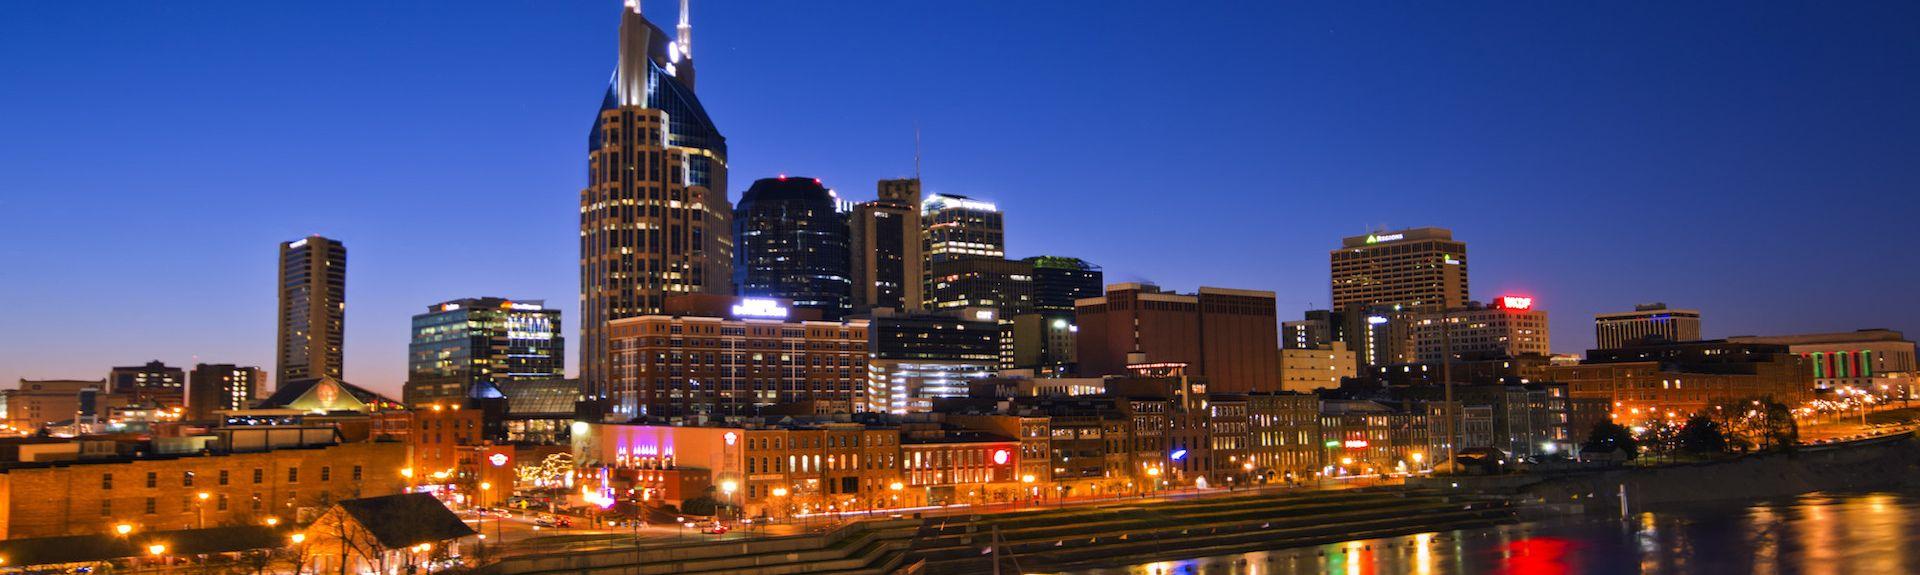 Upper Room, Nashville, TN, USA